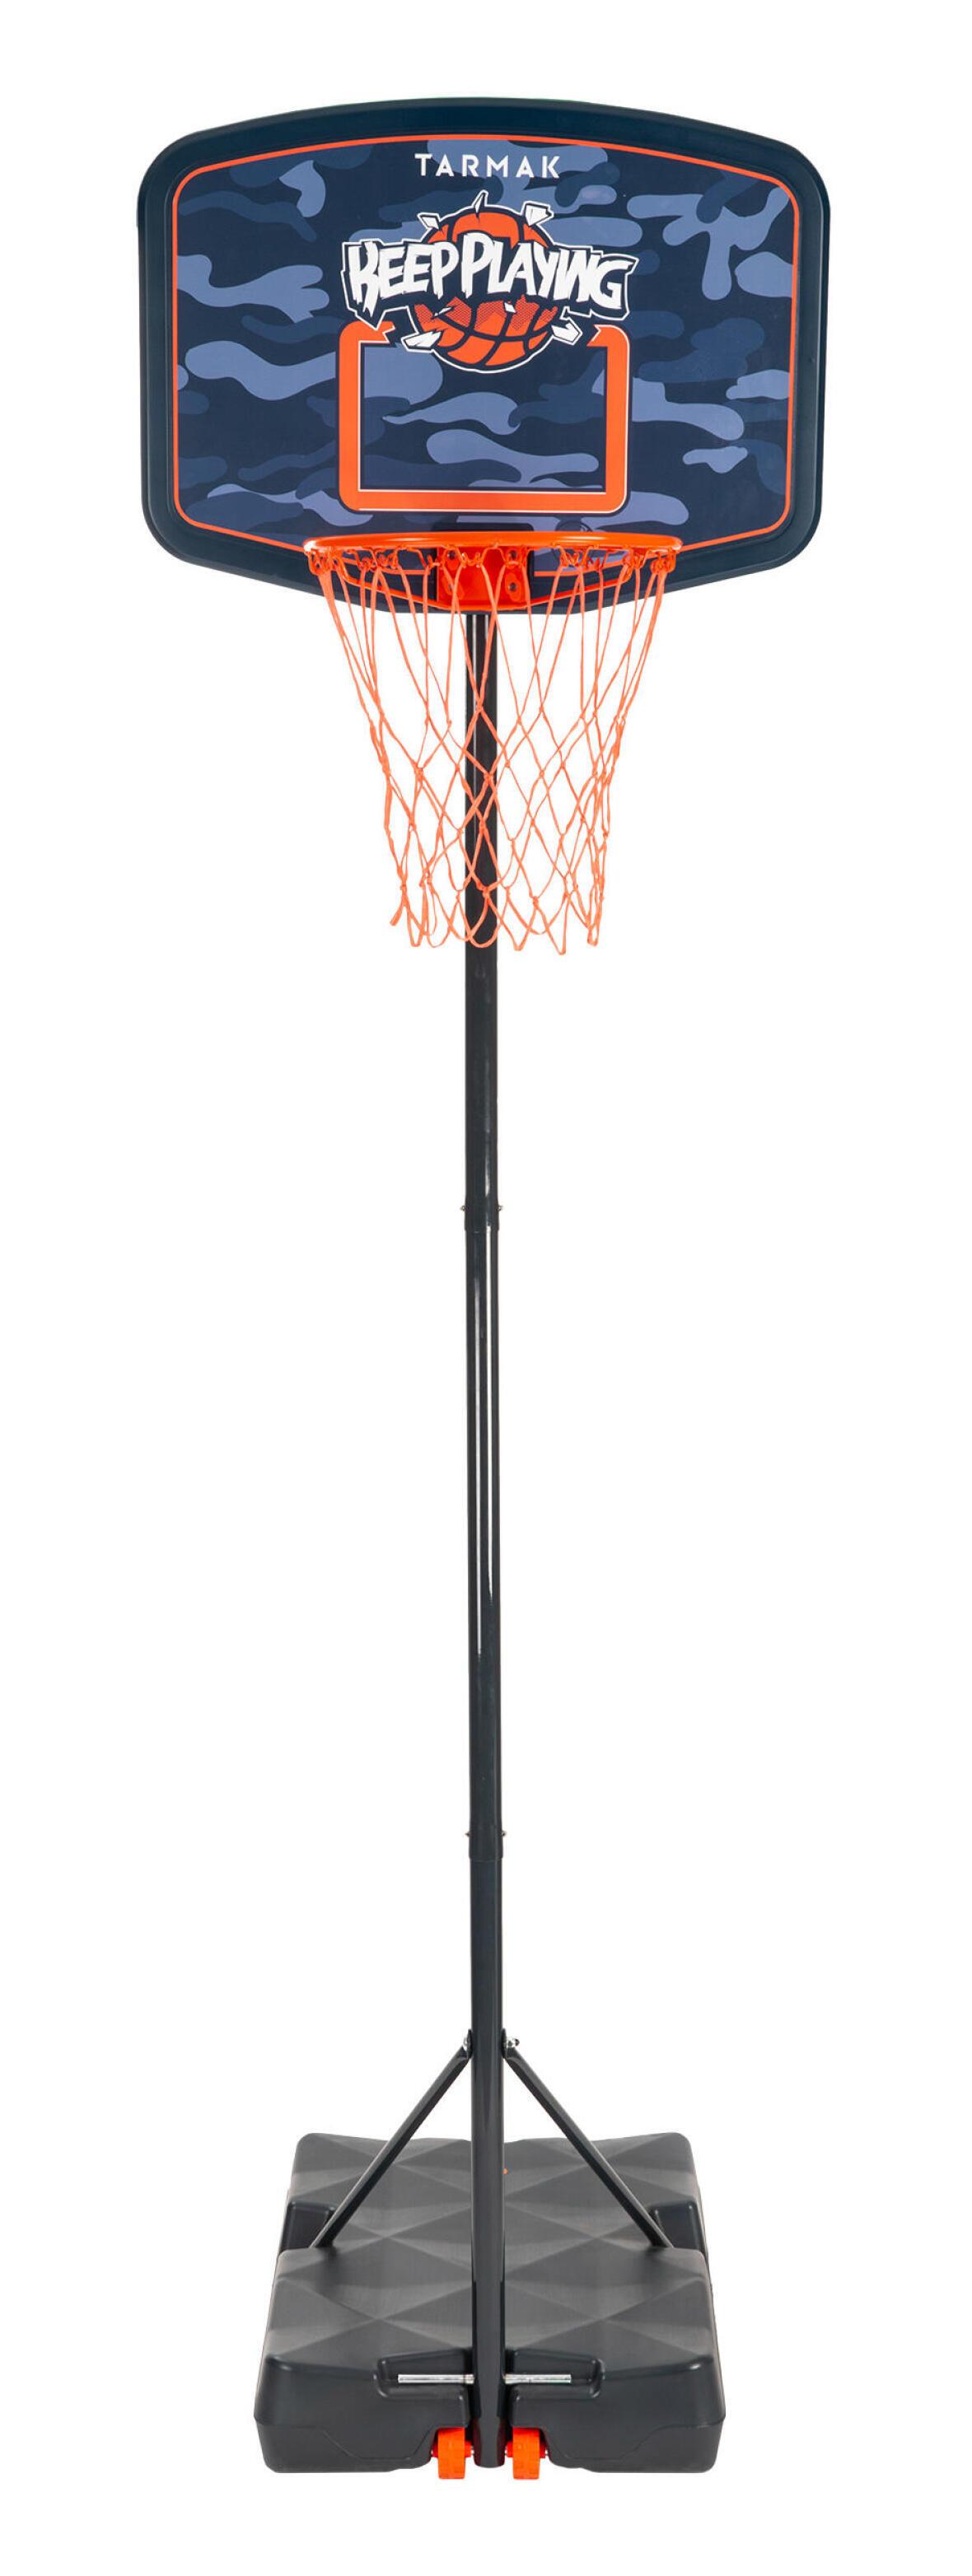 canasta-de-baloncesto-b-200EASY-decathlon-tarmak